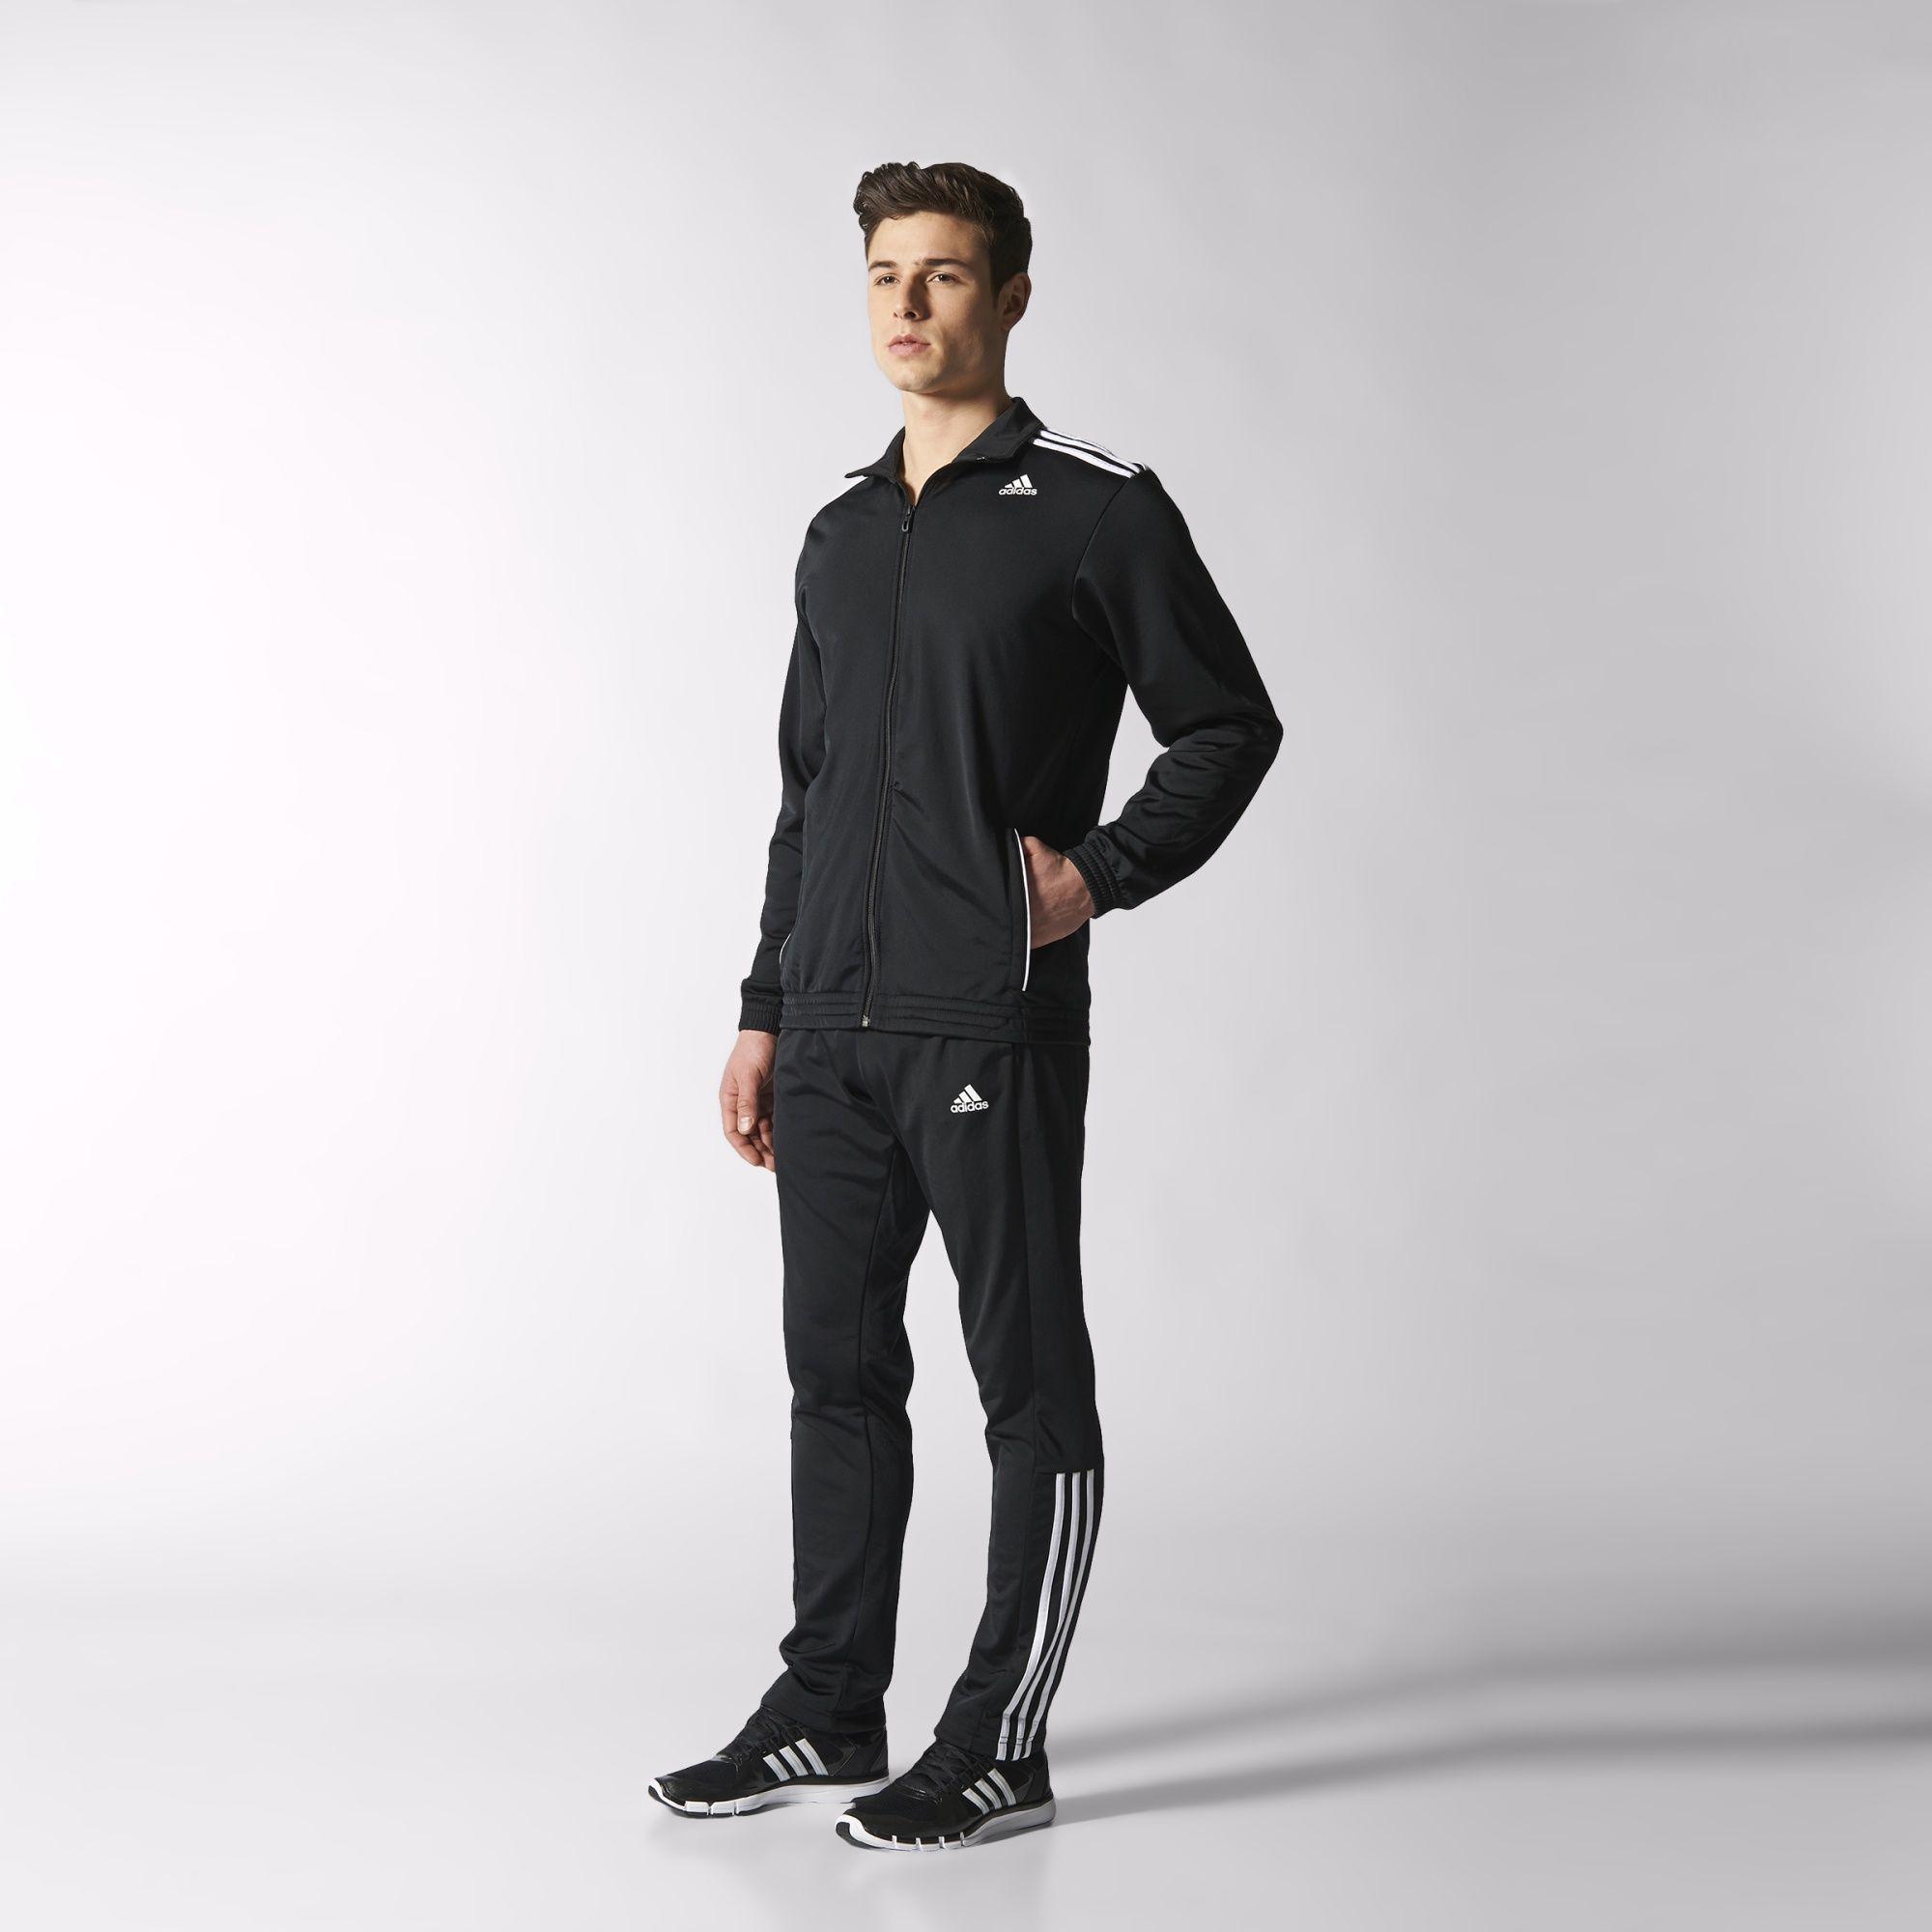 8653e6701f33 Под этим лейблом выпускается огромный ассортимент всевозможных моделей  одежды в спортивном стиле. Наиболее широким спросом пользуются костюмы от  Adidas.